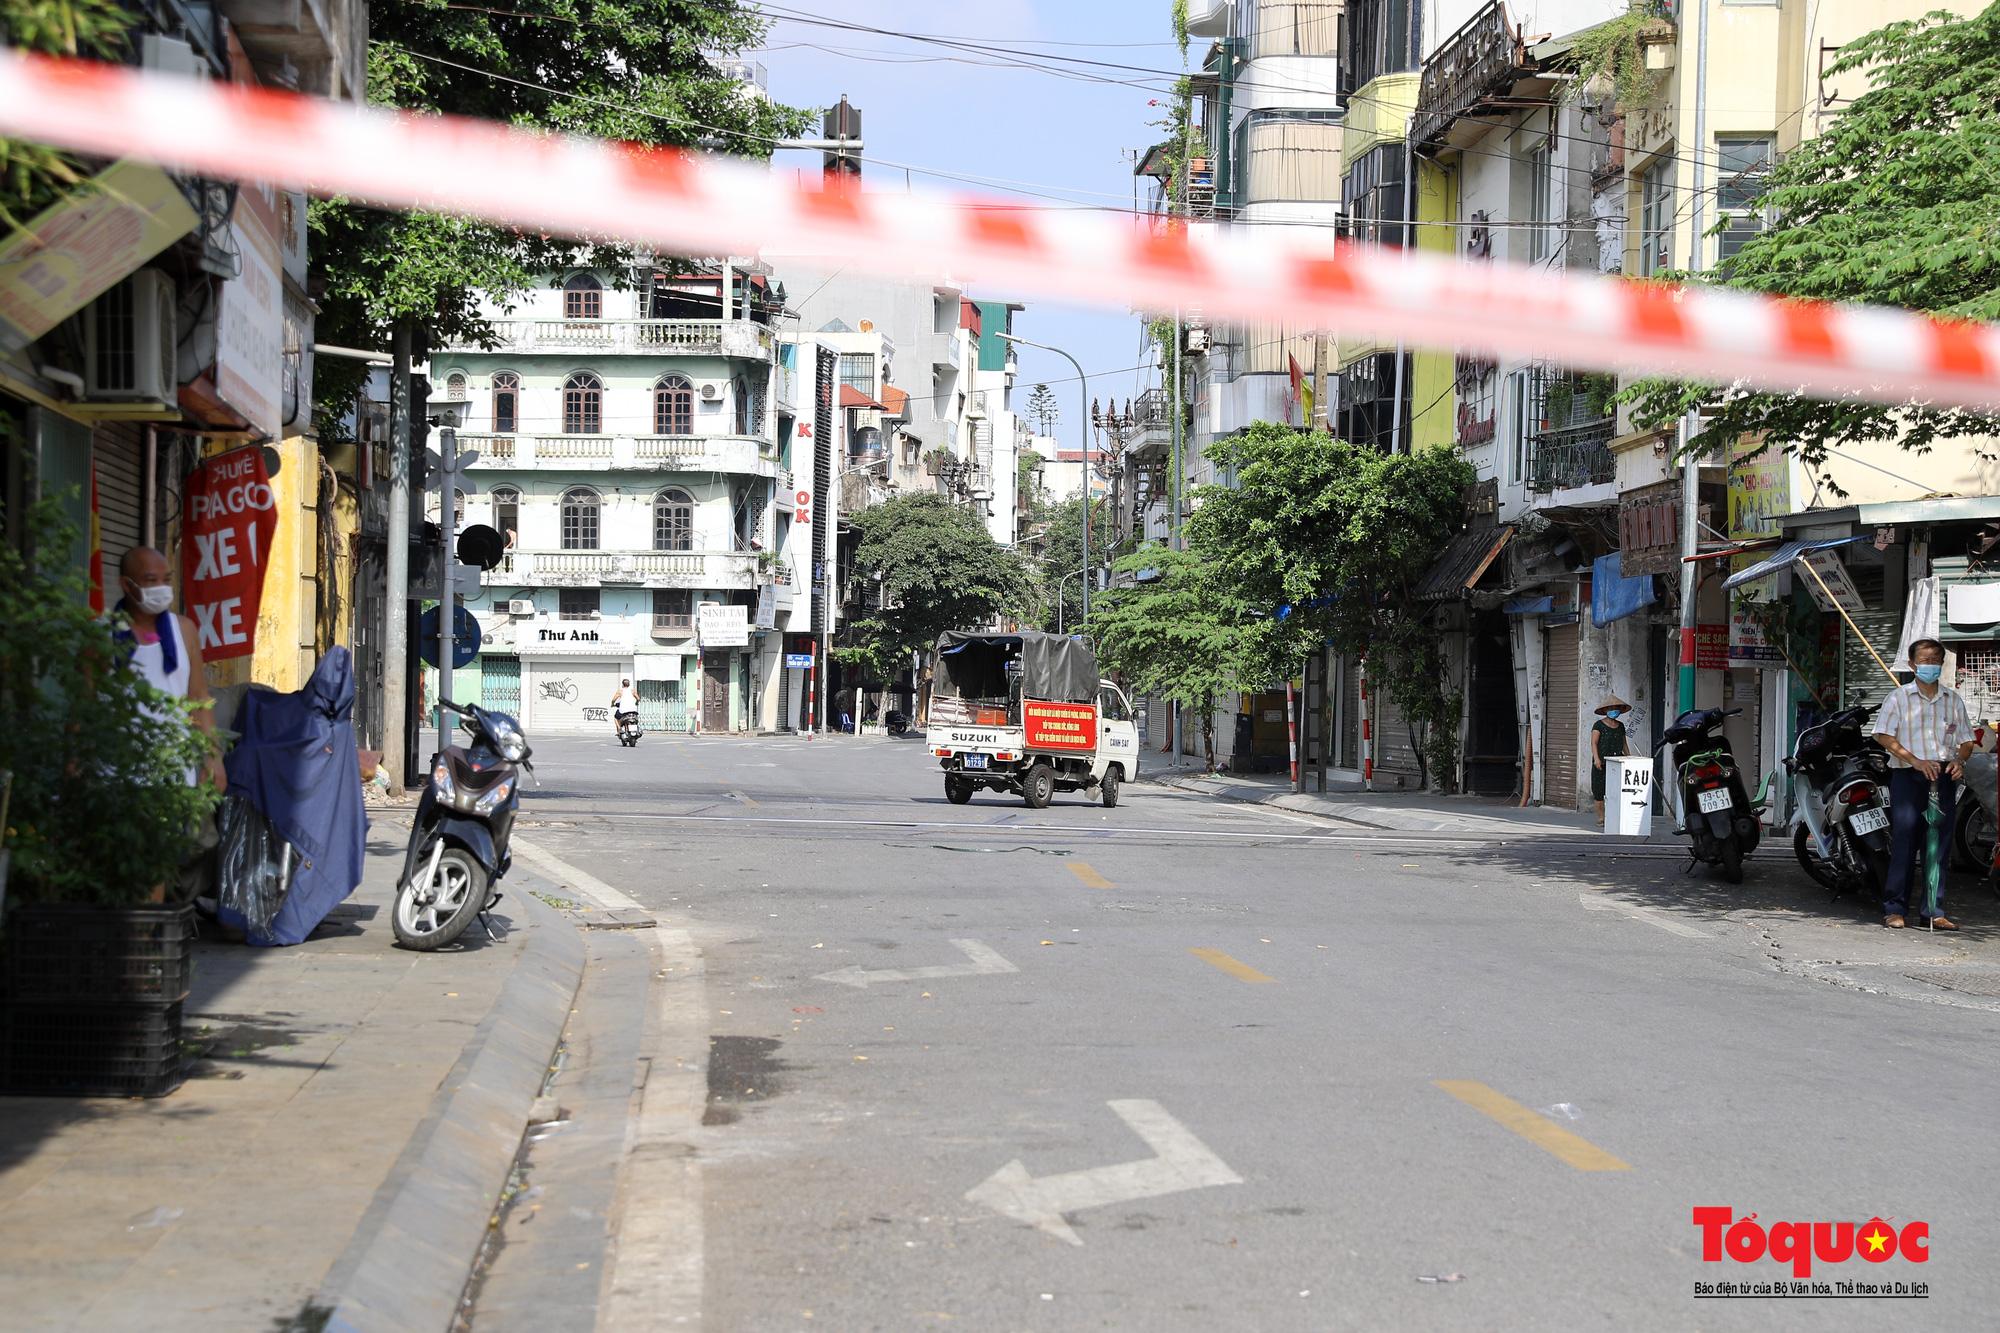 Hà Nội: Phong tỏa 2 phường Văn Miếu, Văn Chương, người dân xếp hàng tiếp tế cho khu cách ly - Ảnh 11.